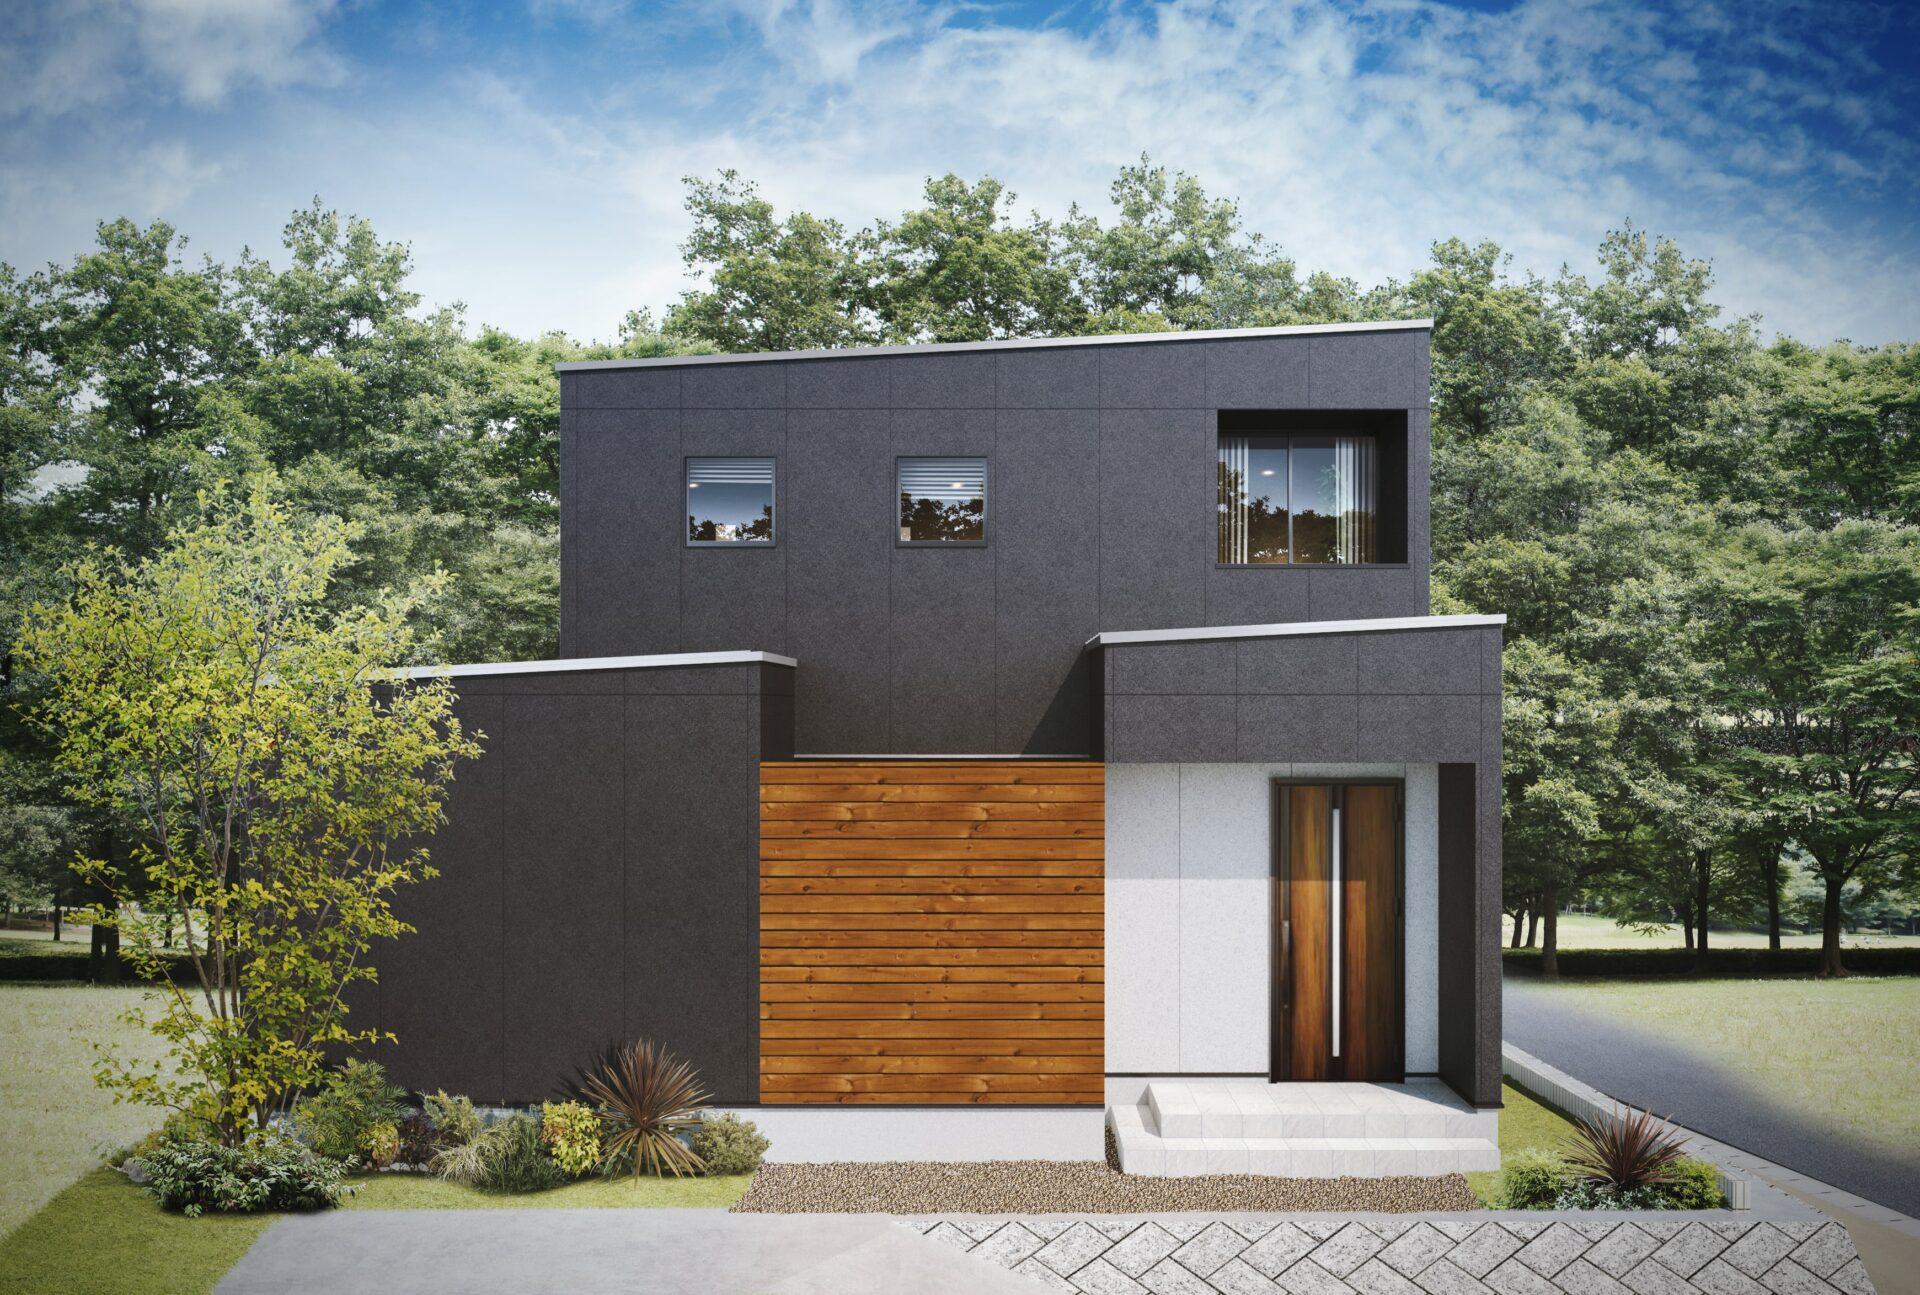 10/17(土)18(日)【長崎の家】モデルハウス・ご案内会のご予約はこちらです。